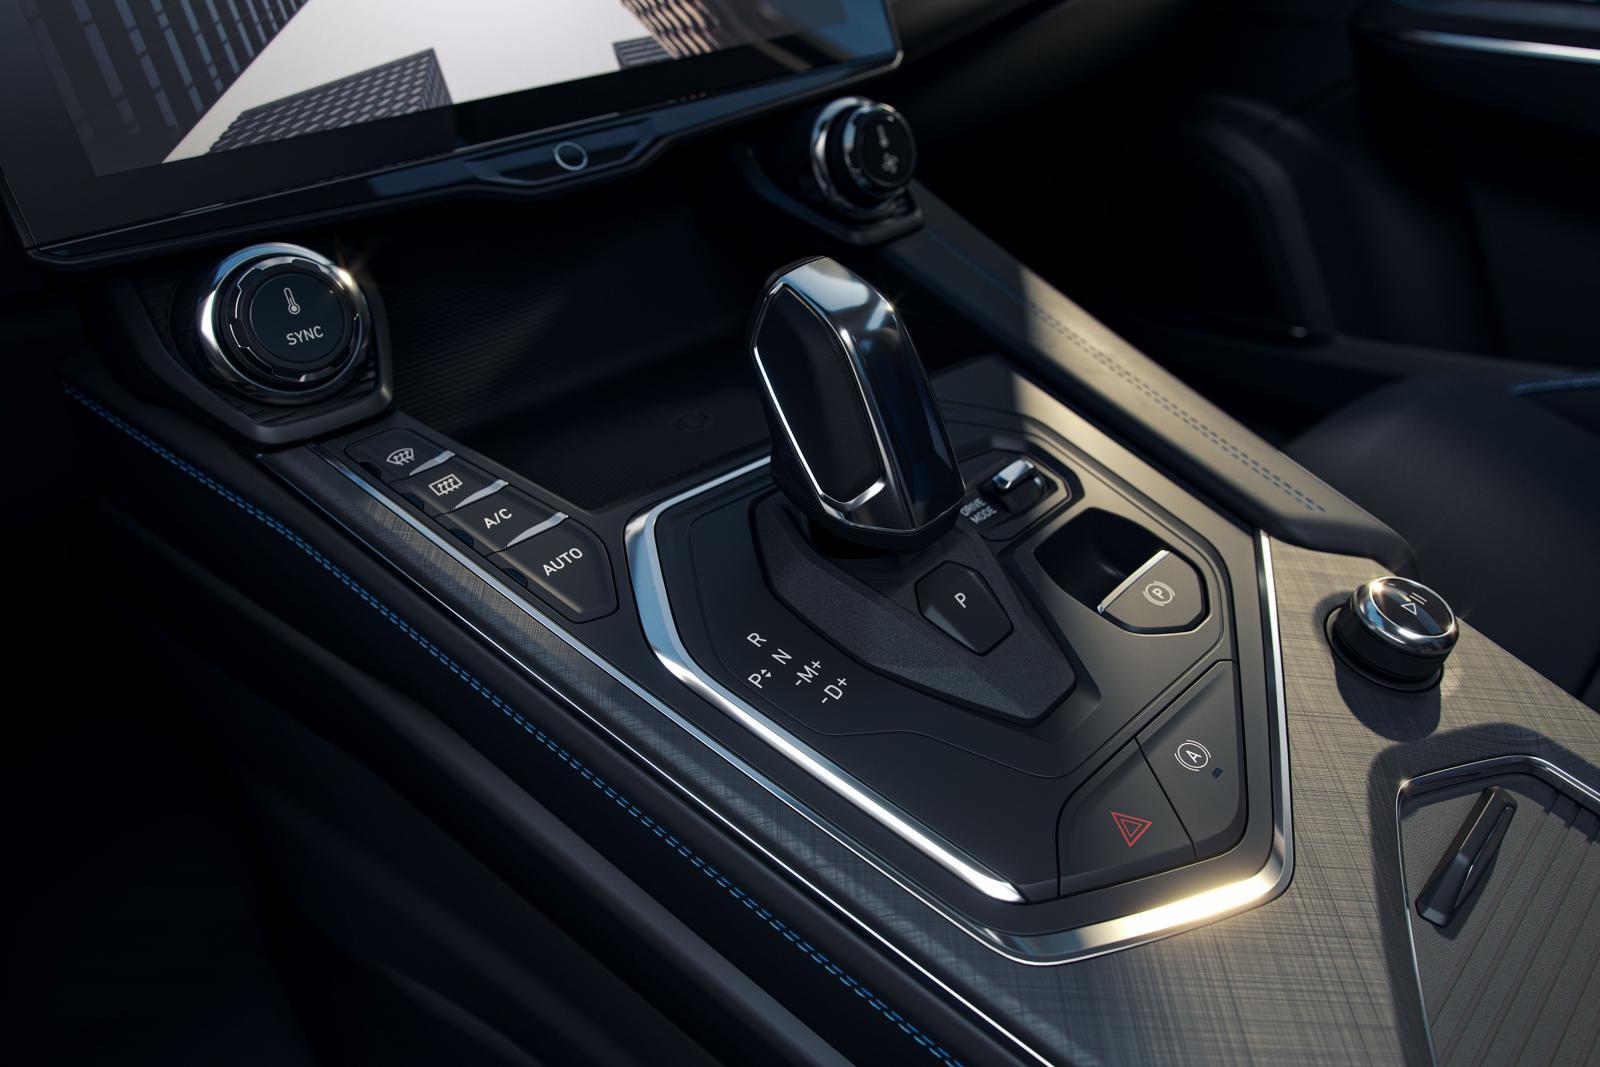 Lynk & Co om nya bilen: Inga tillval, kort leveranstid och egen röstassistent